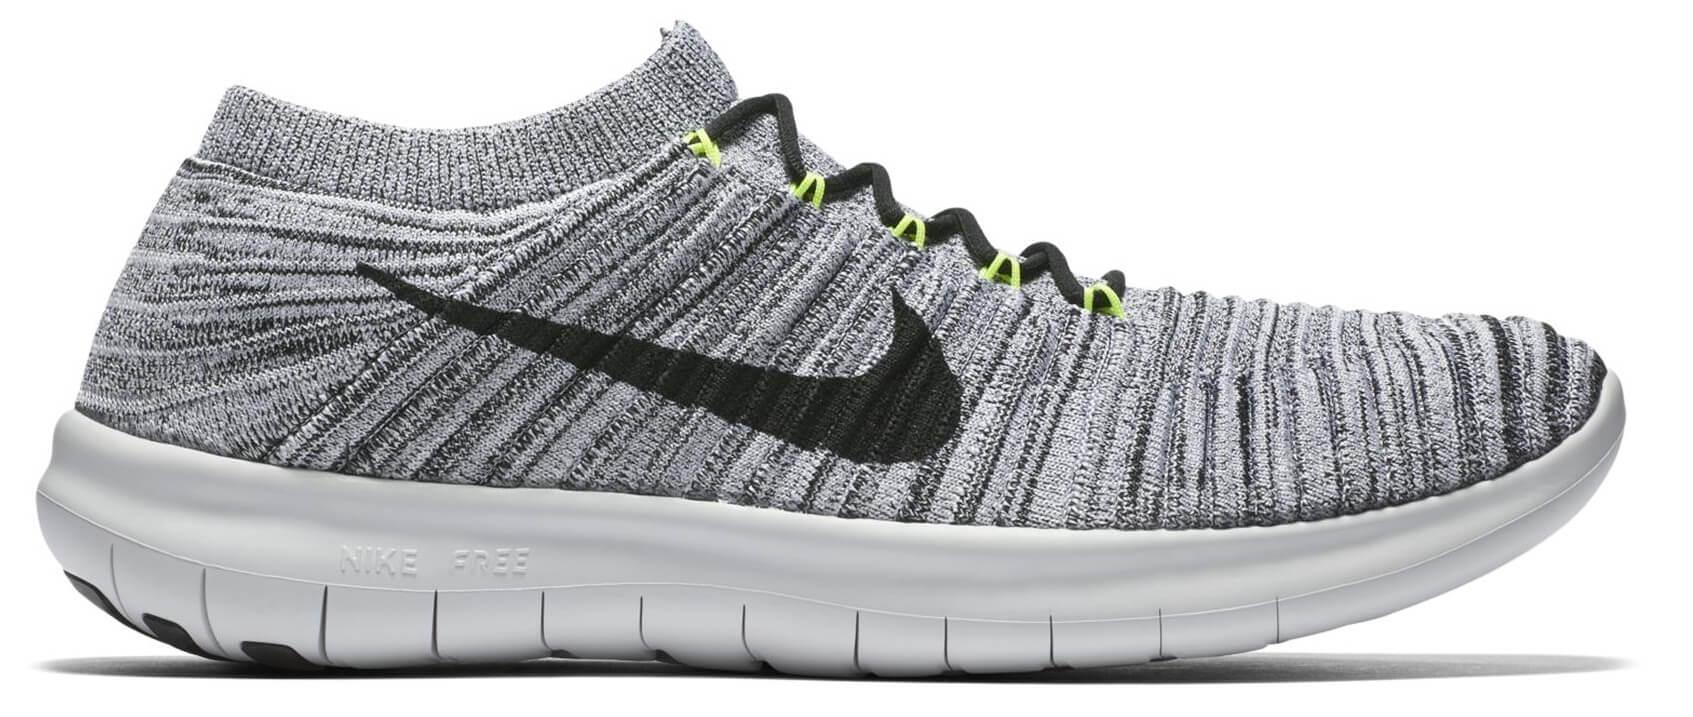 Tenis-Nike-Free-RN-Motion-Flyknit